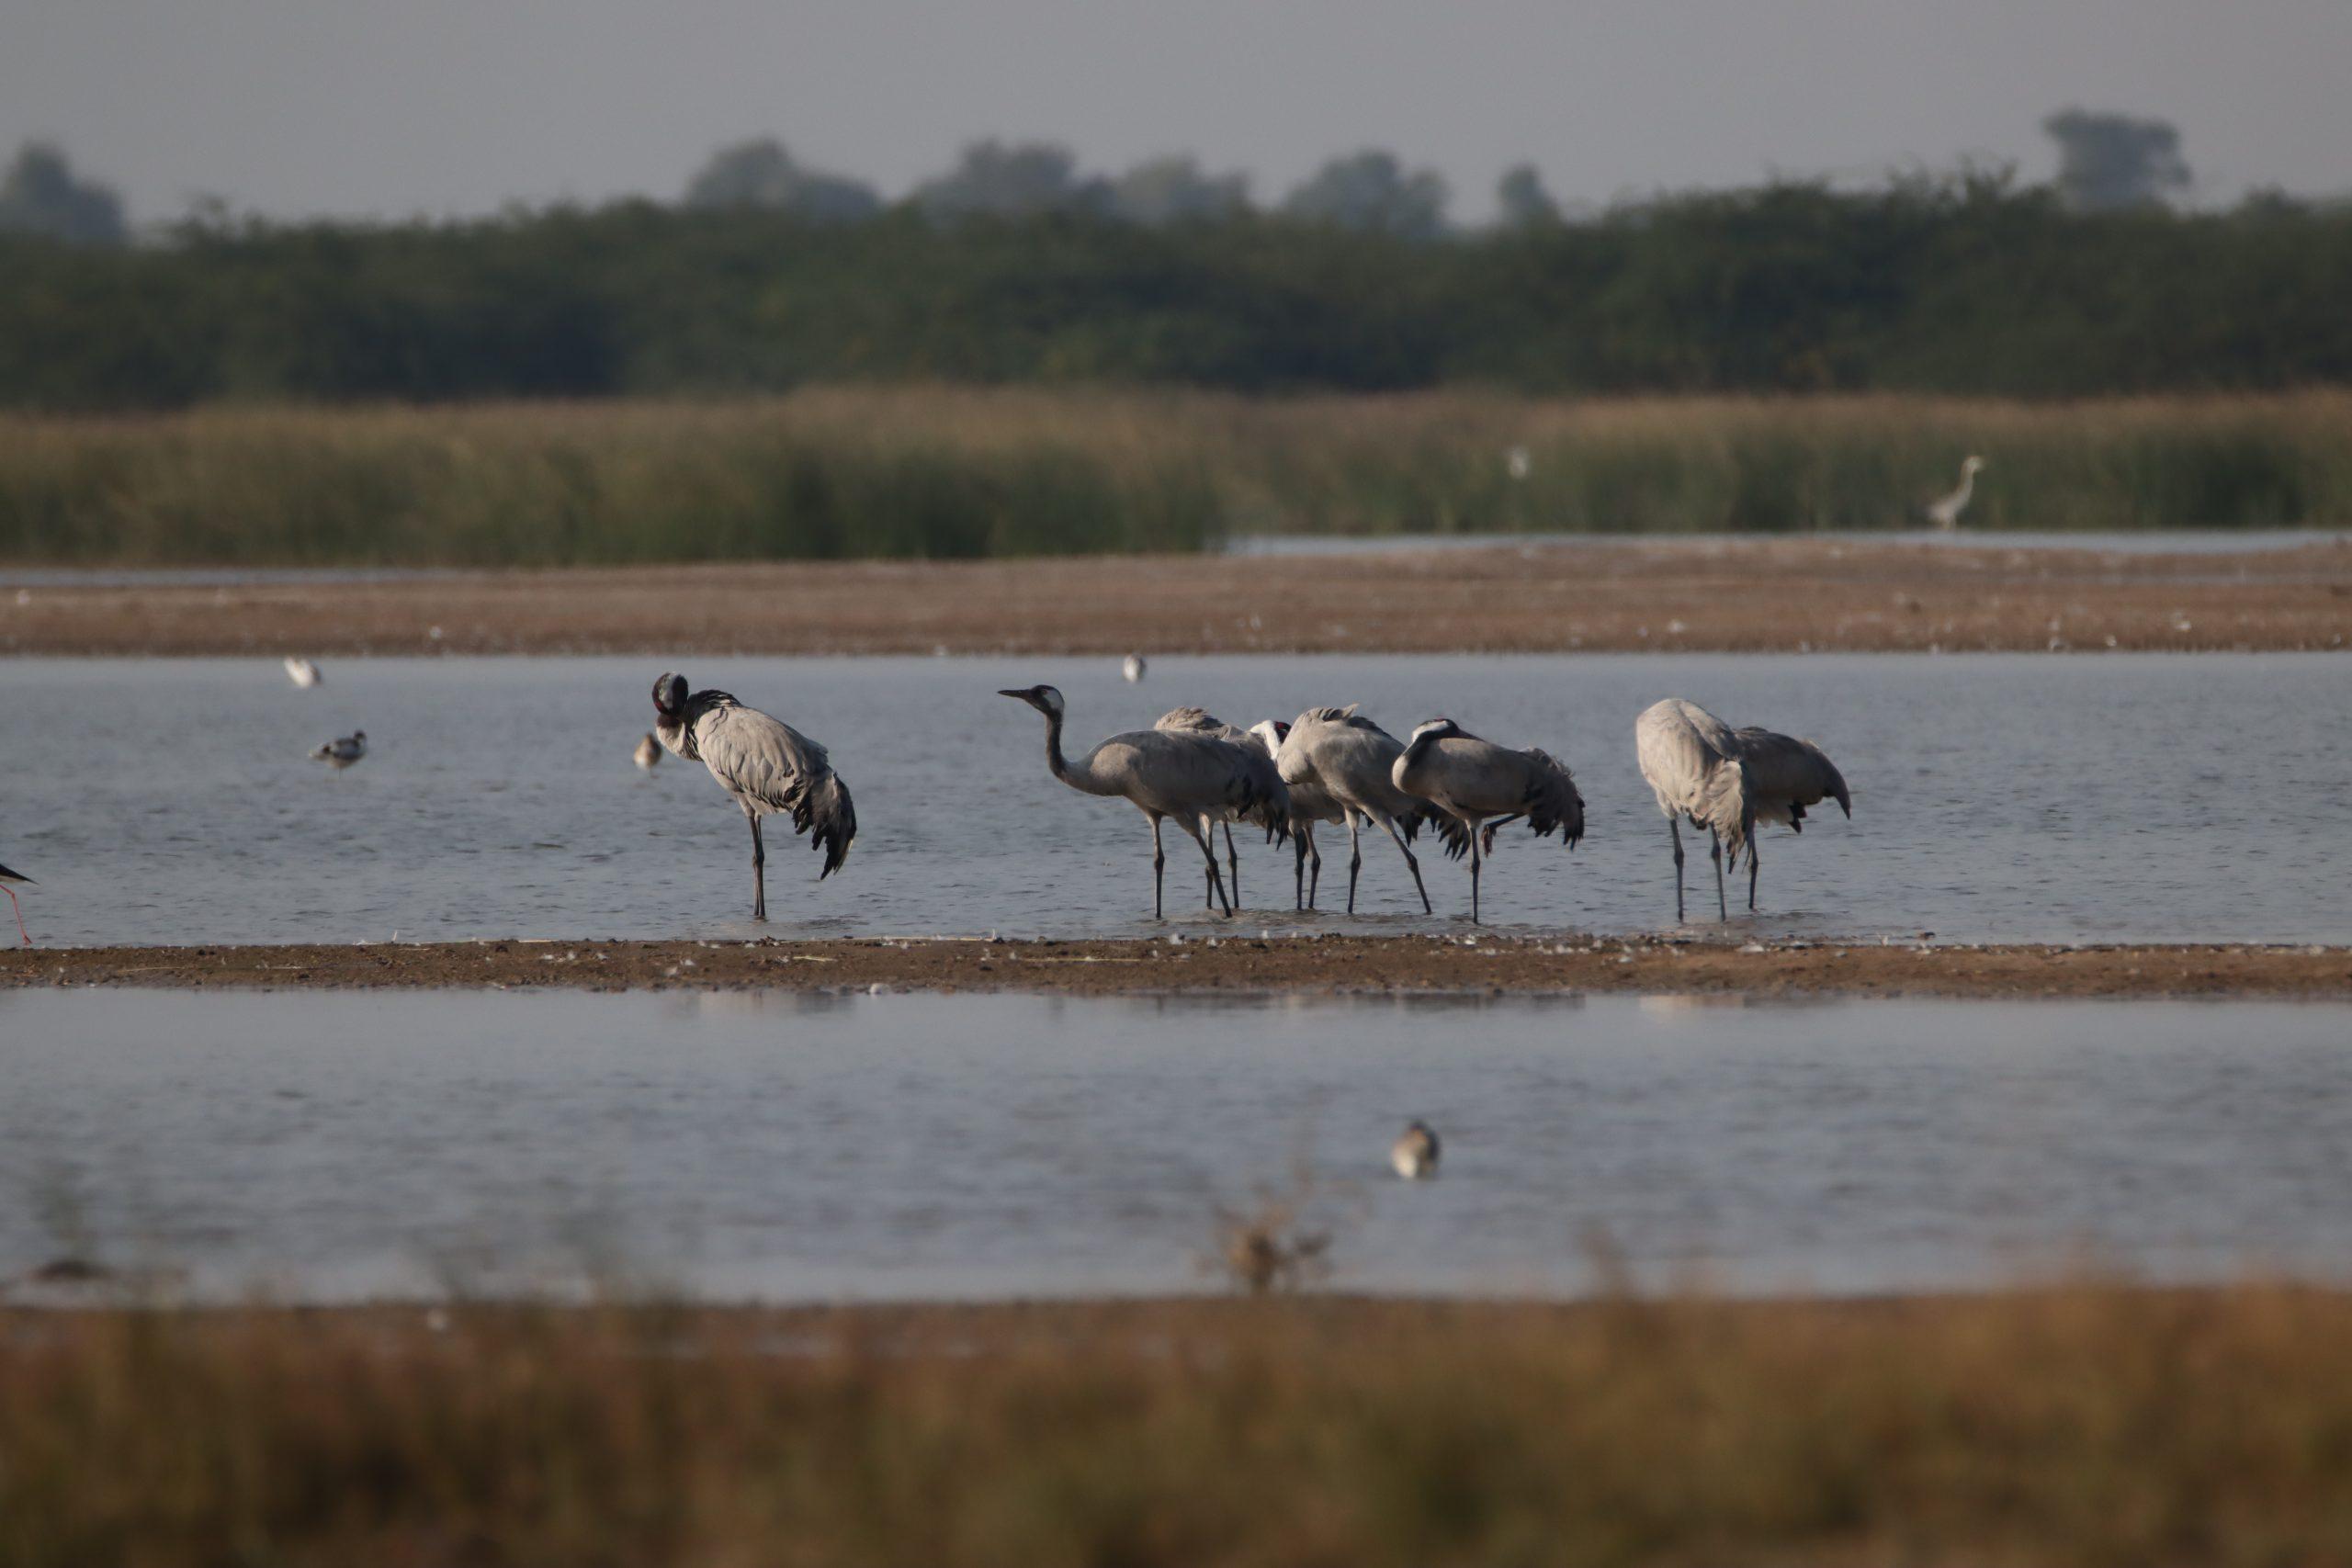 Flock of Crane birds